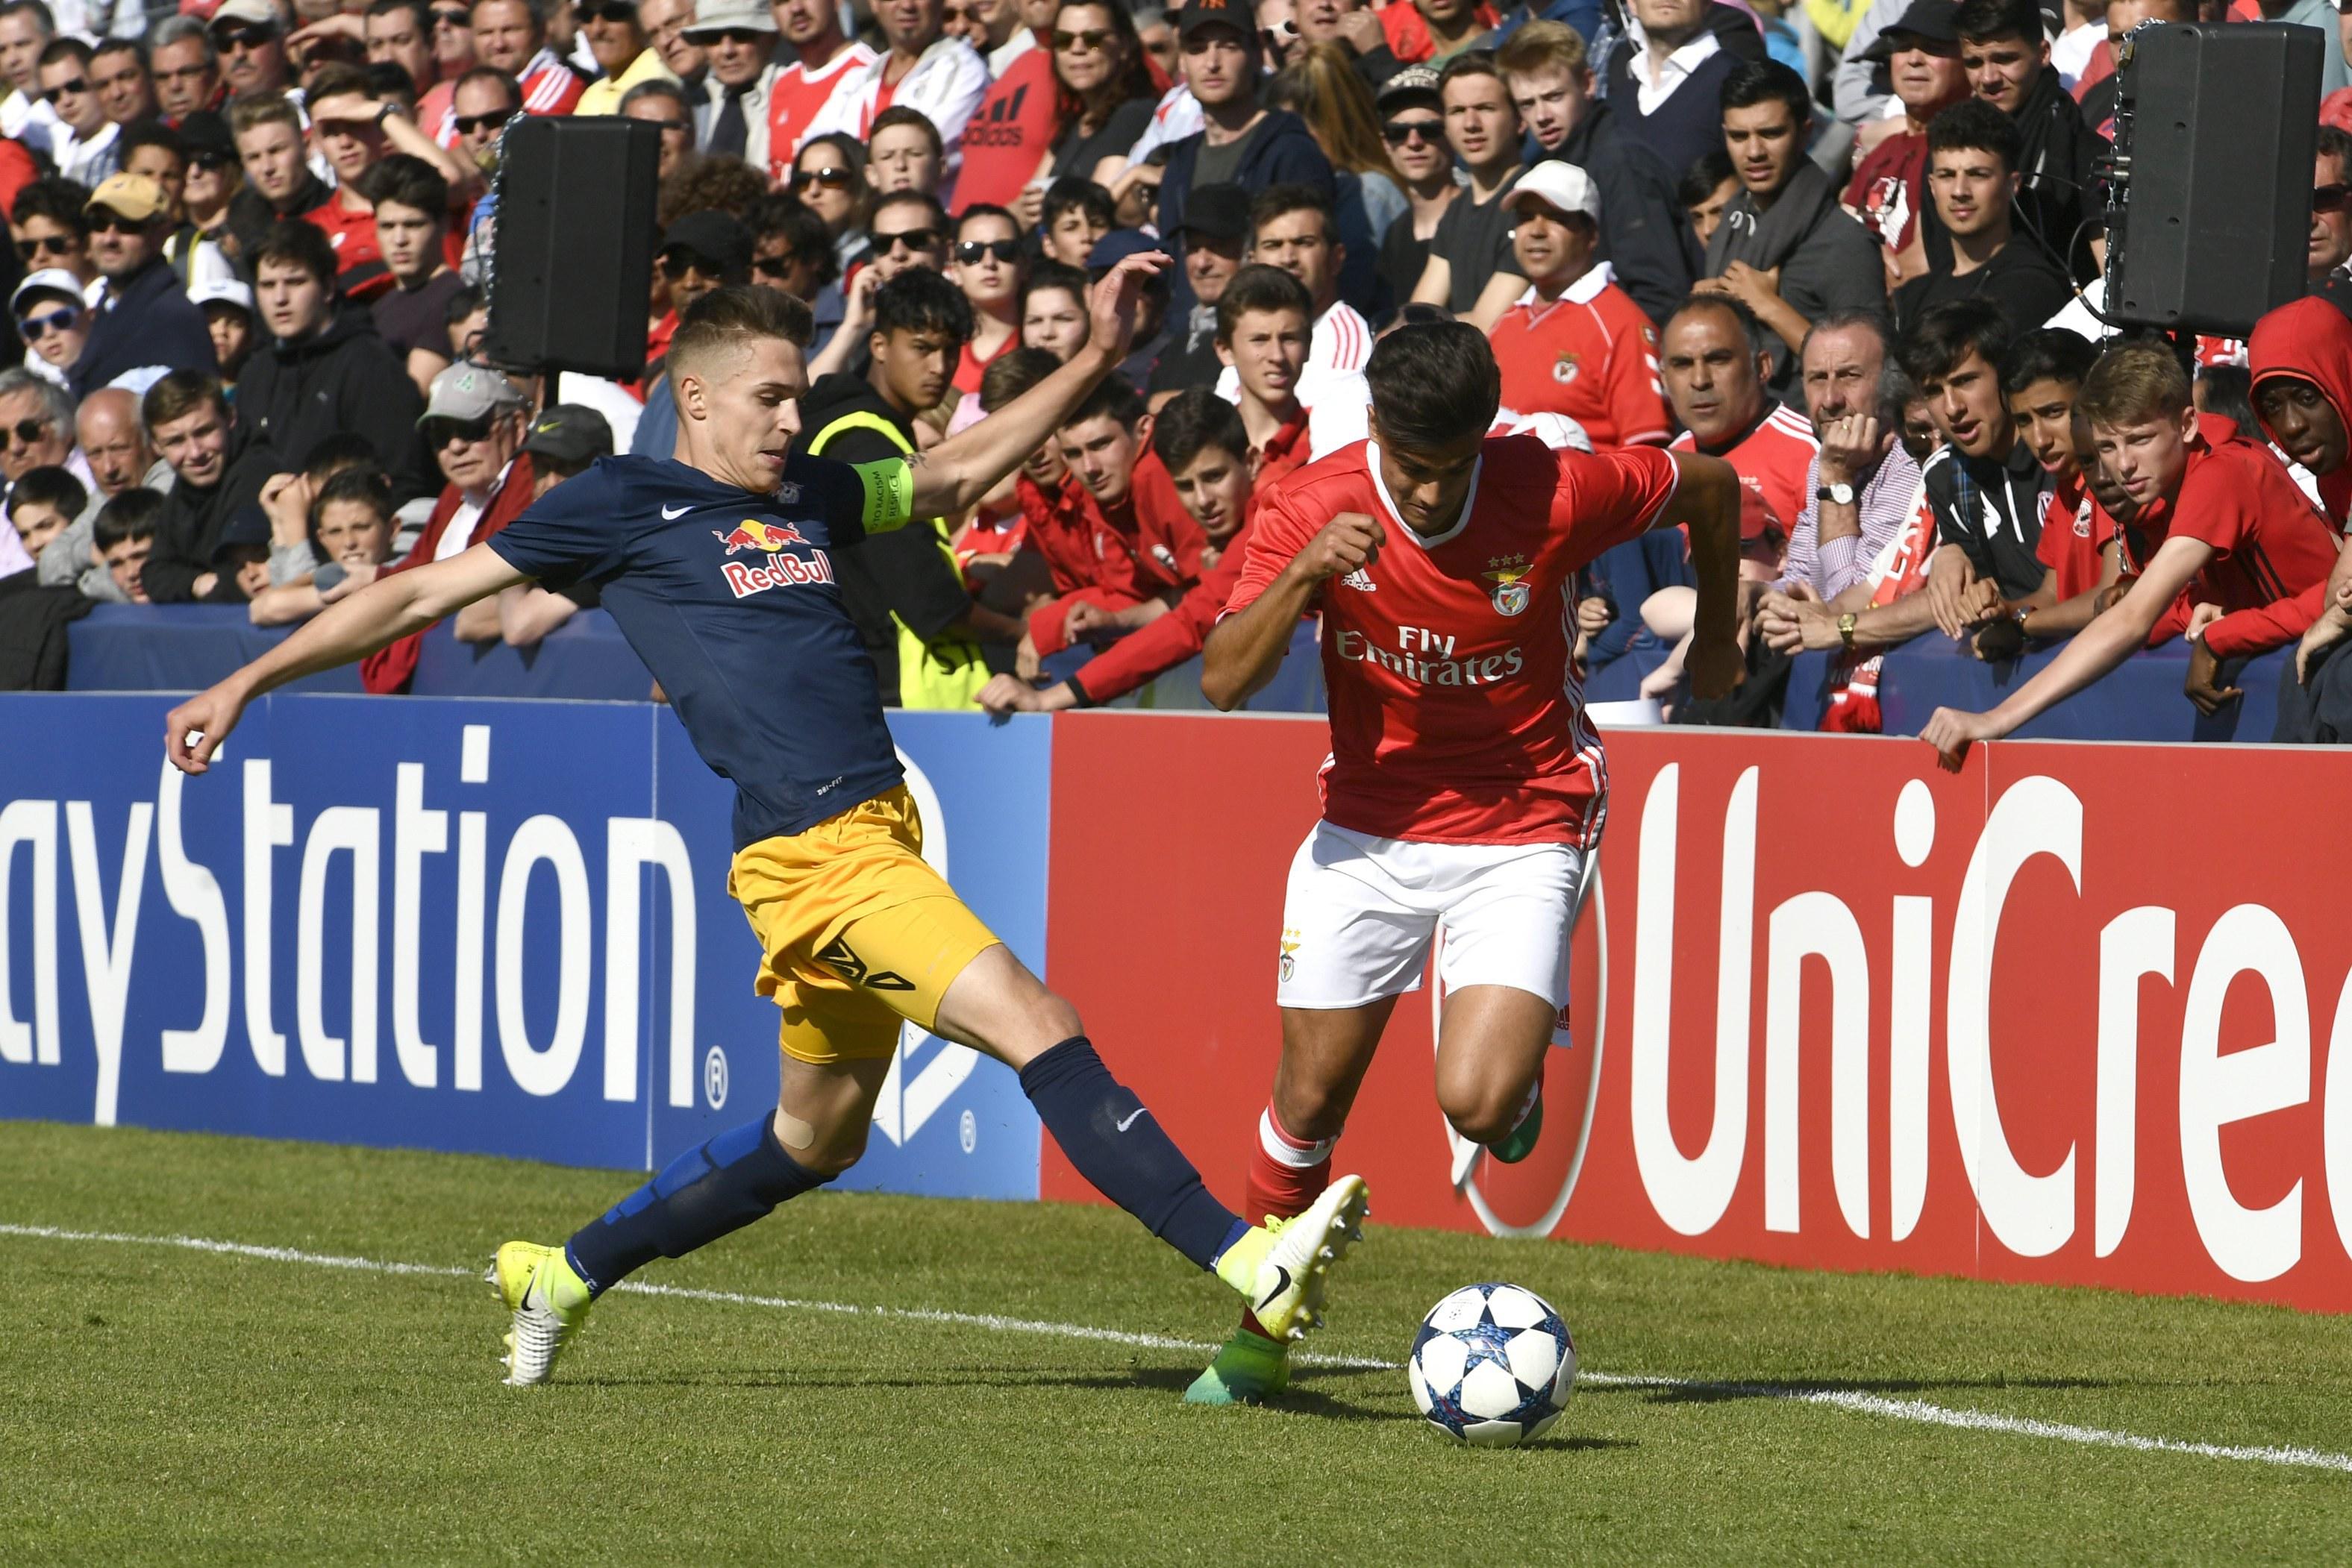 Salzburgo bate Benfica e conquista UEFA Youth League